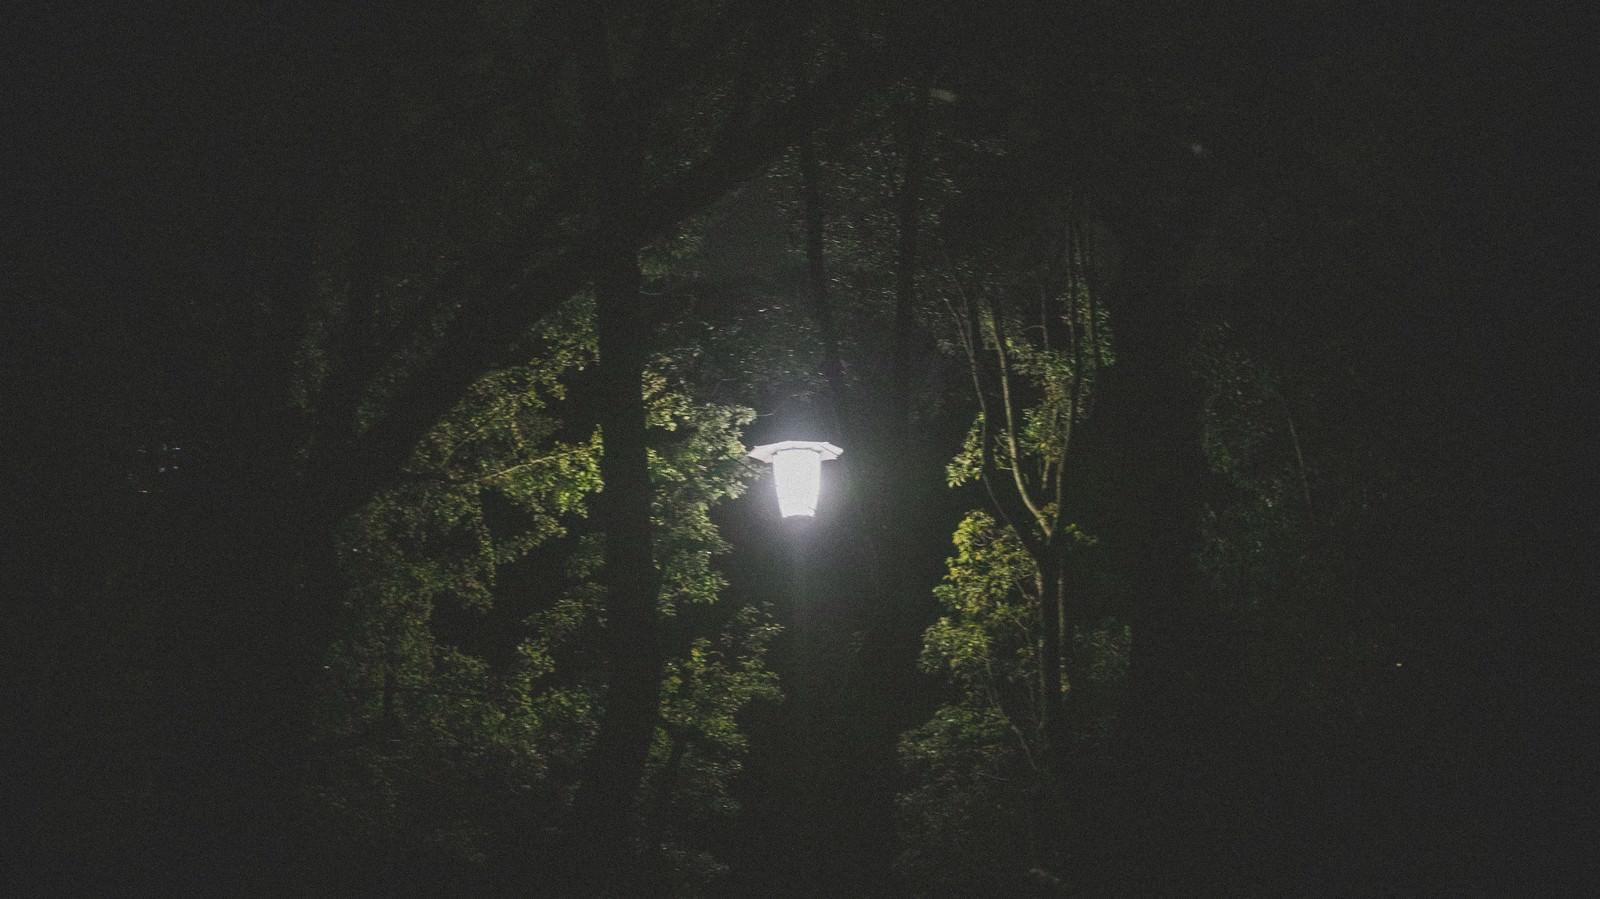 「深夜の公園にある街灯」の写真